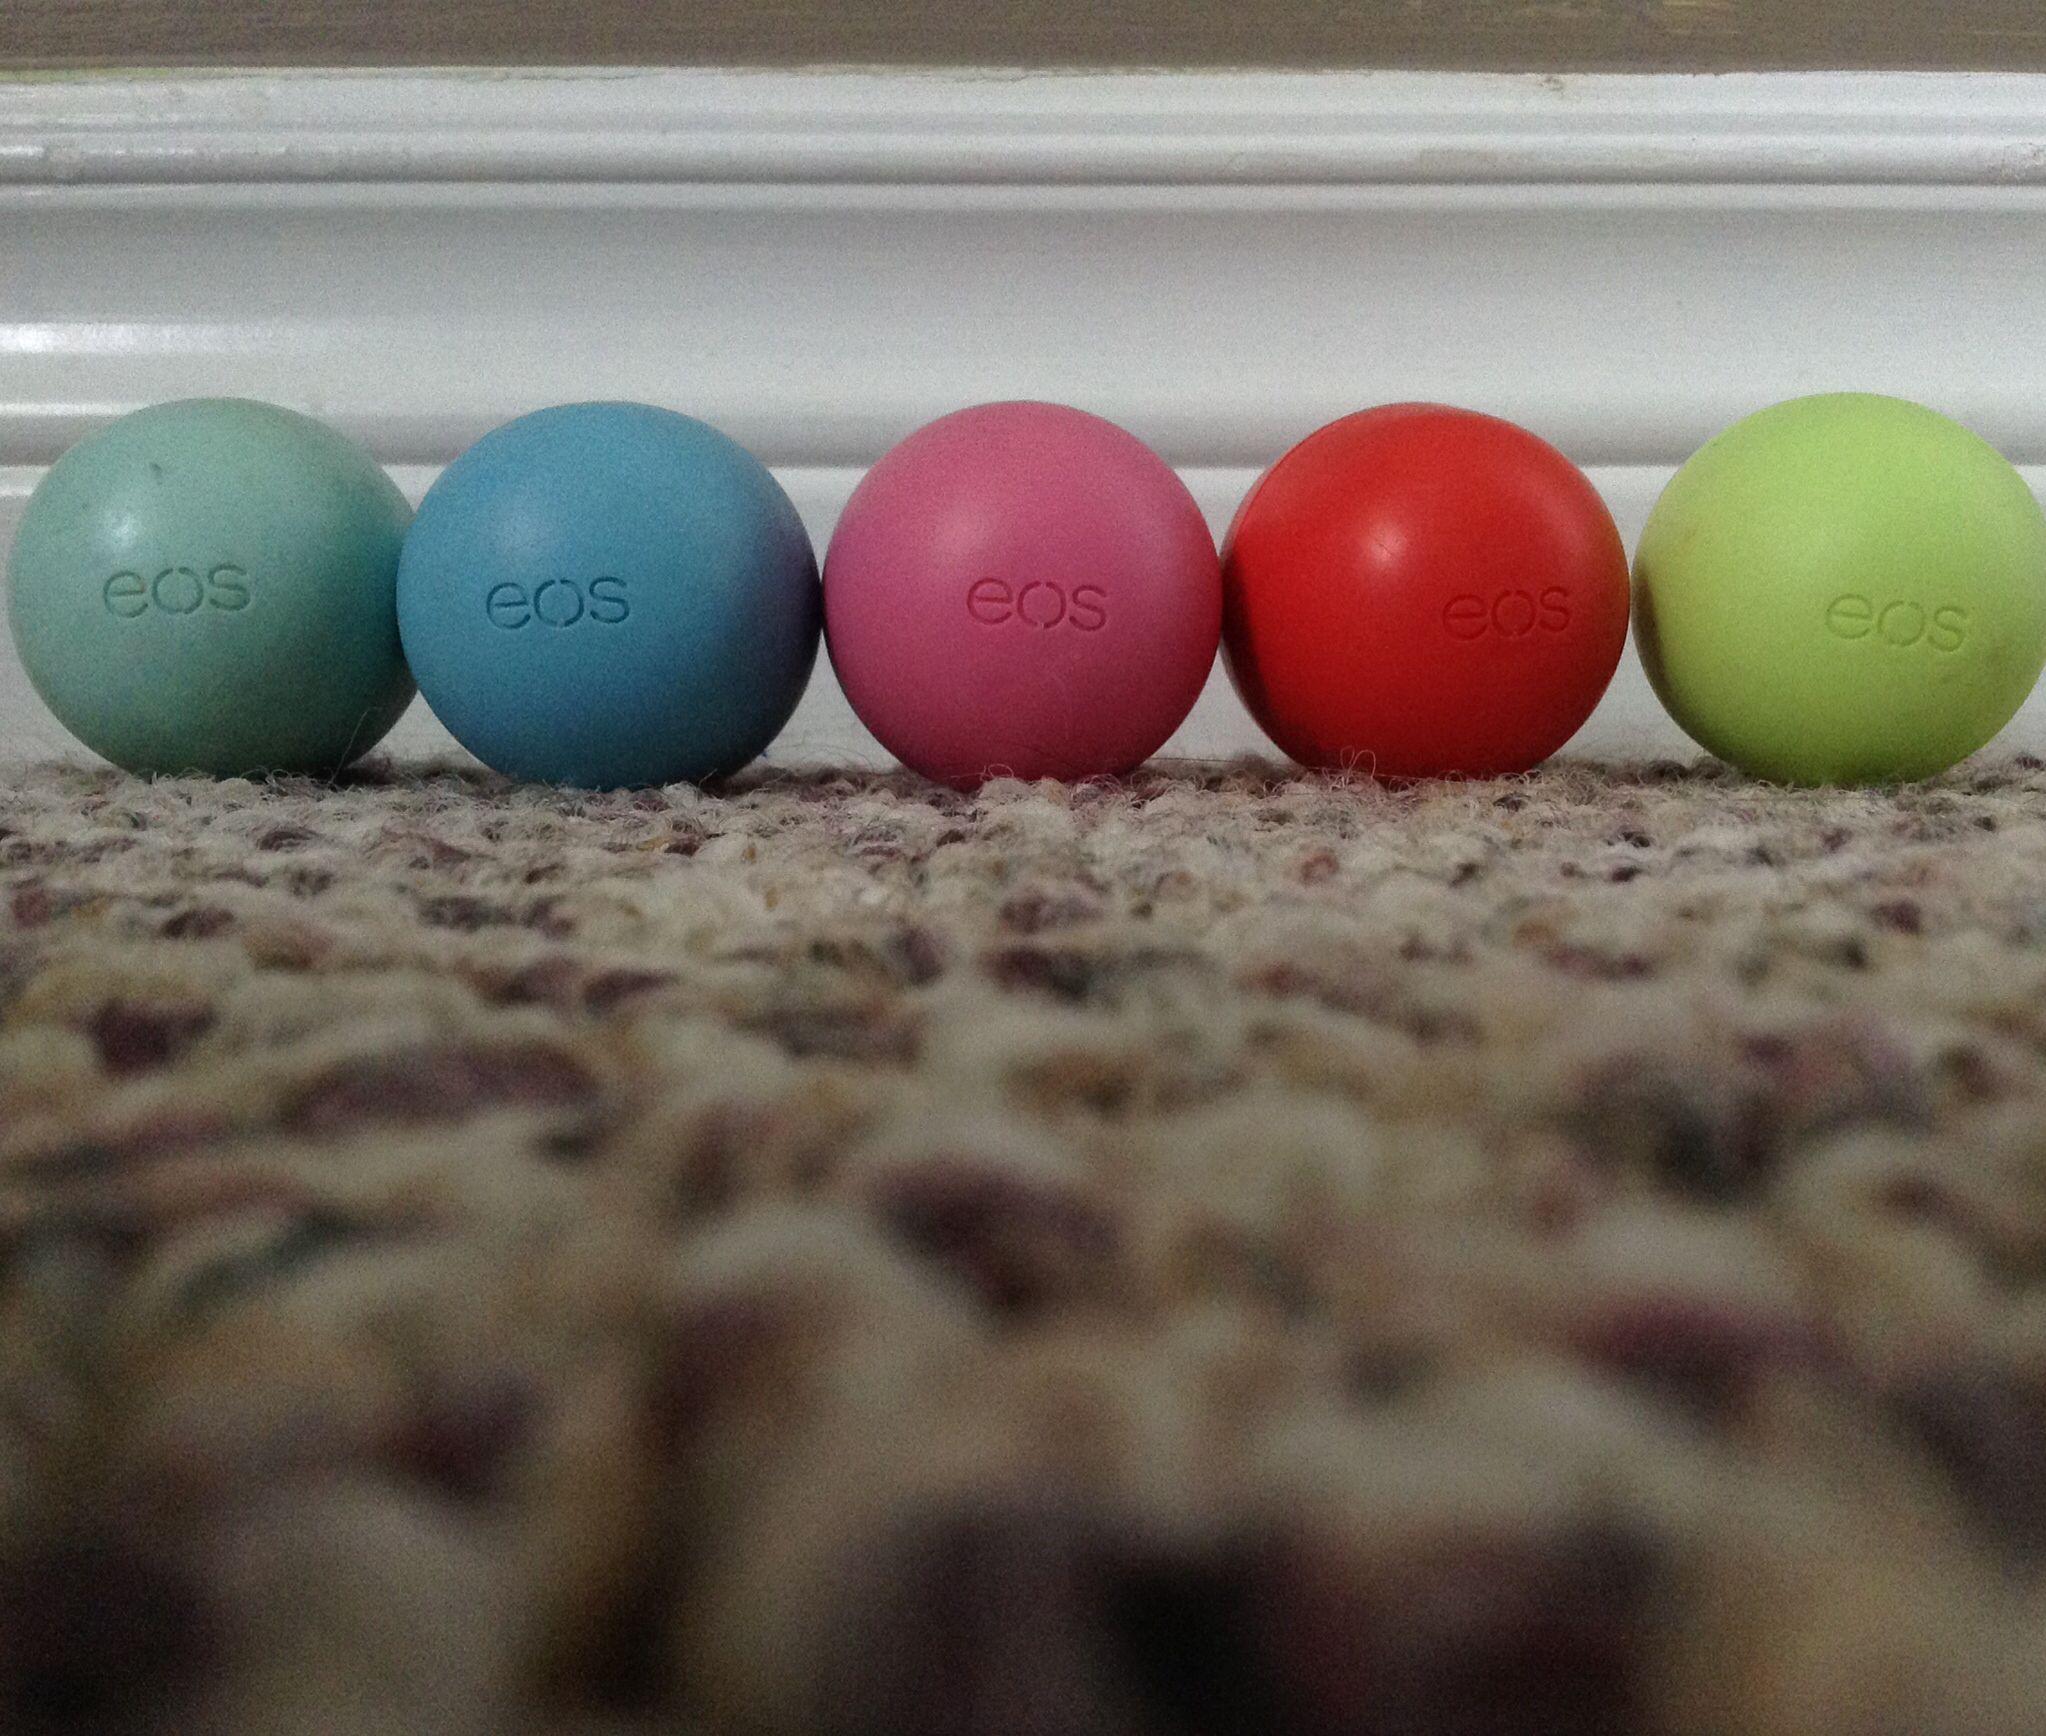 Eos lip balm love them!!!